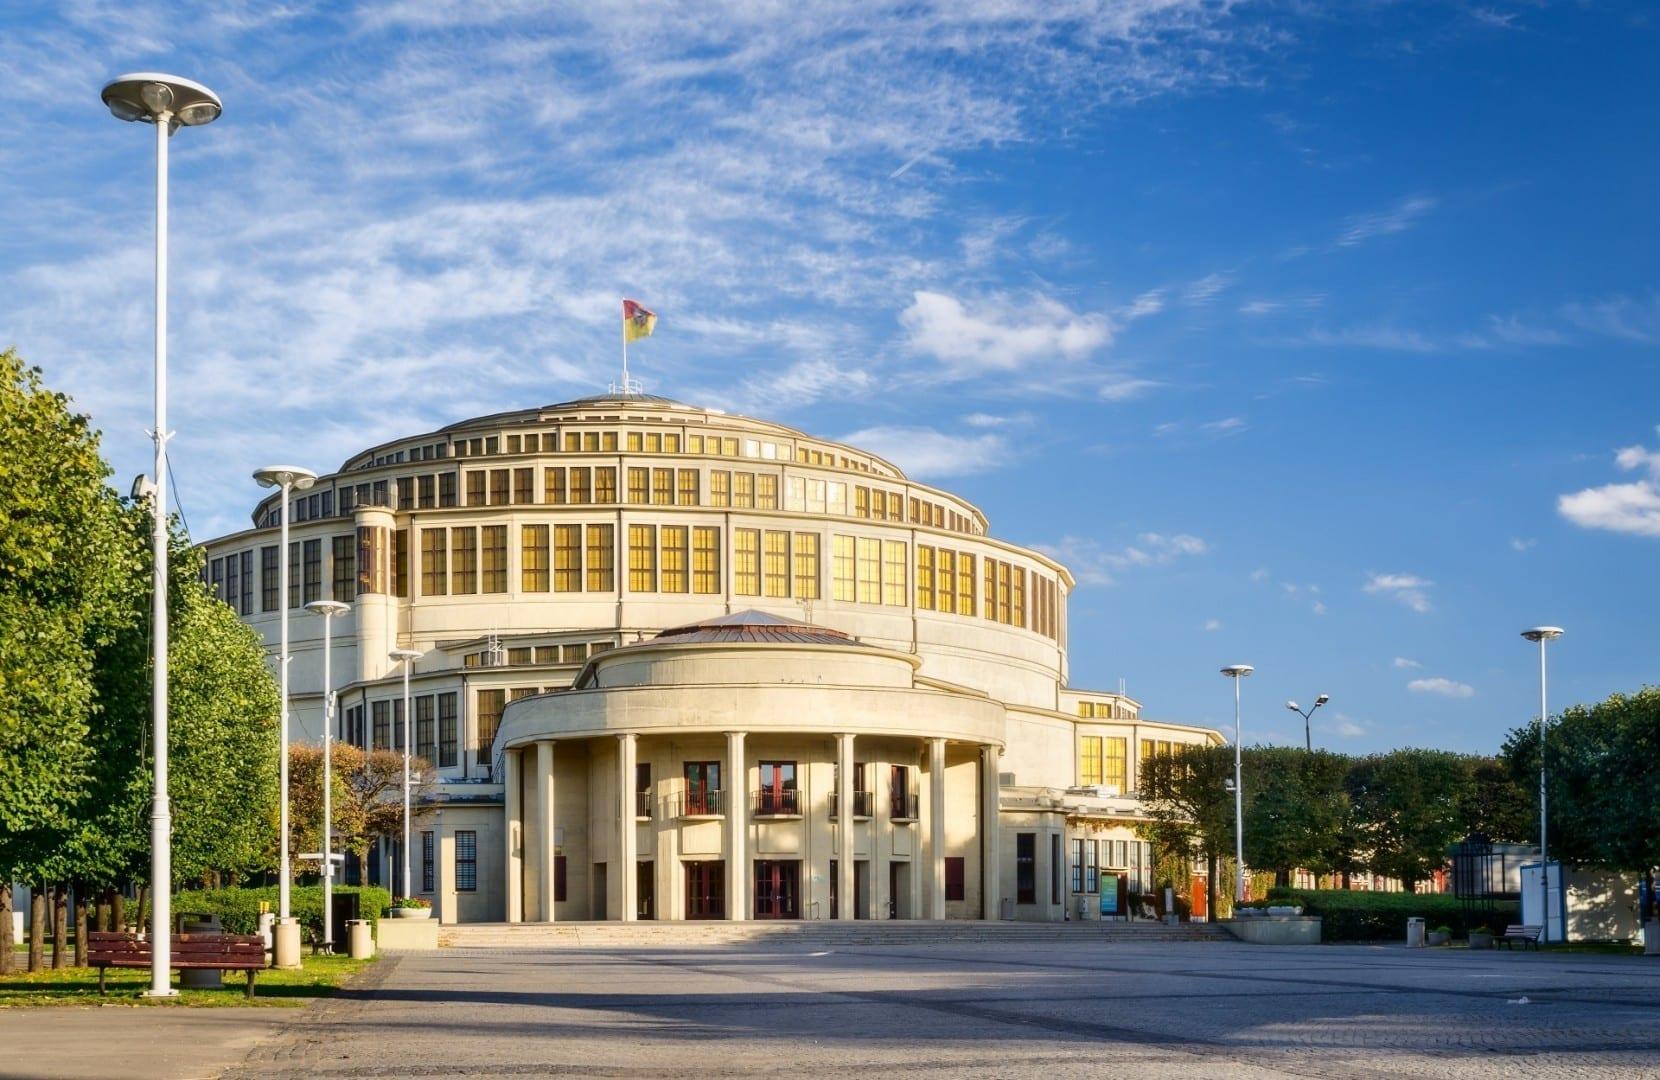 El Salón del Centenario Breslavia Polonia